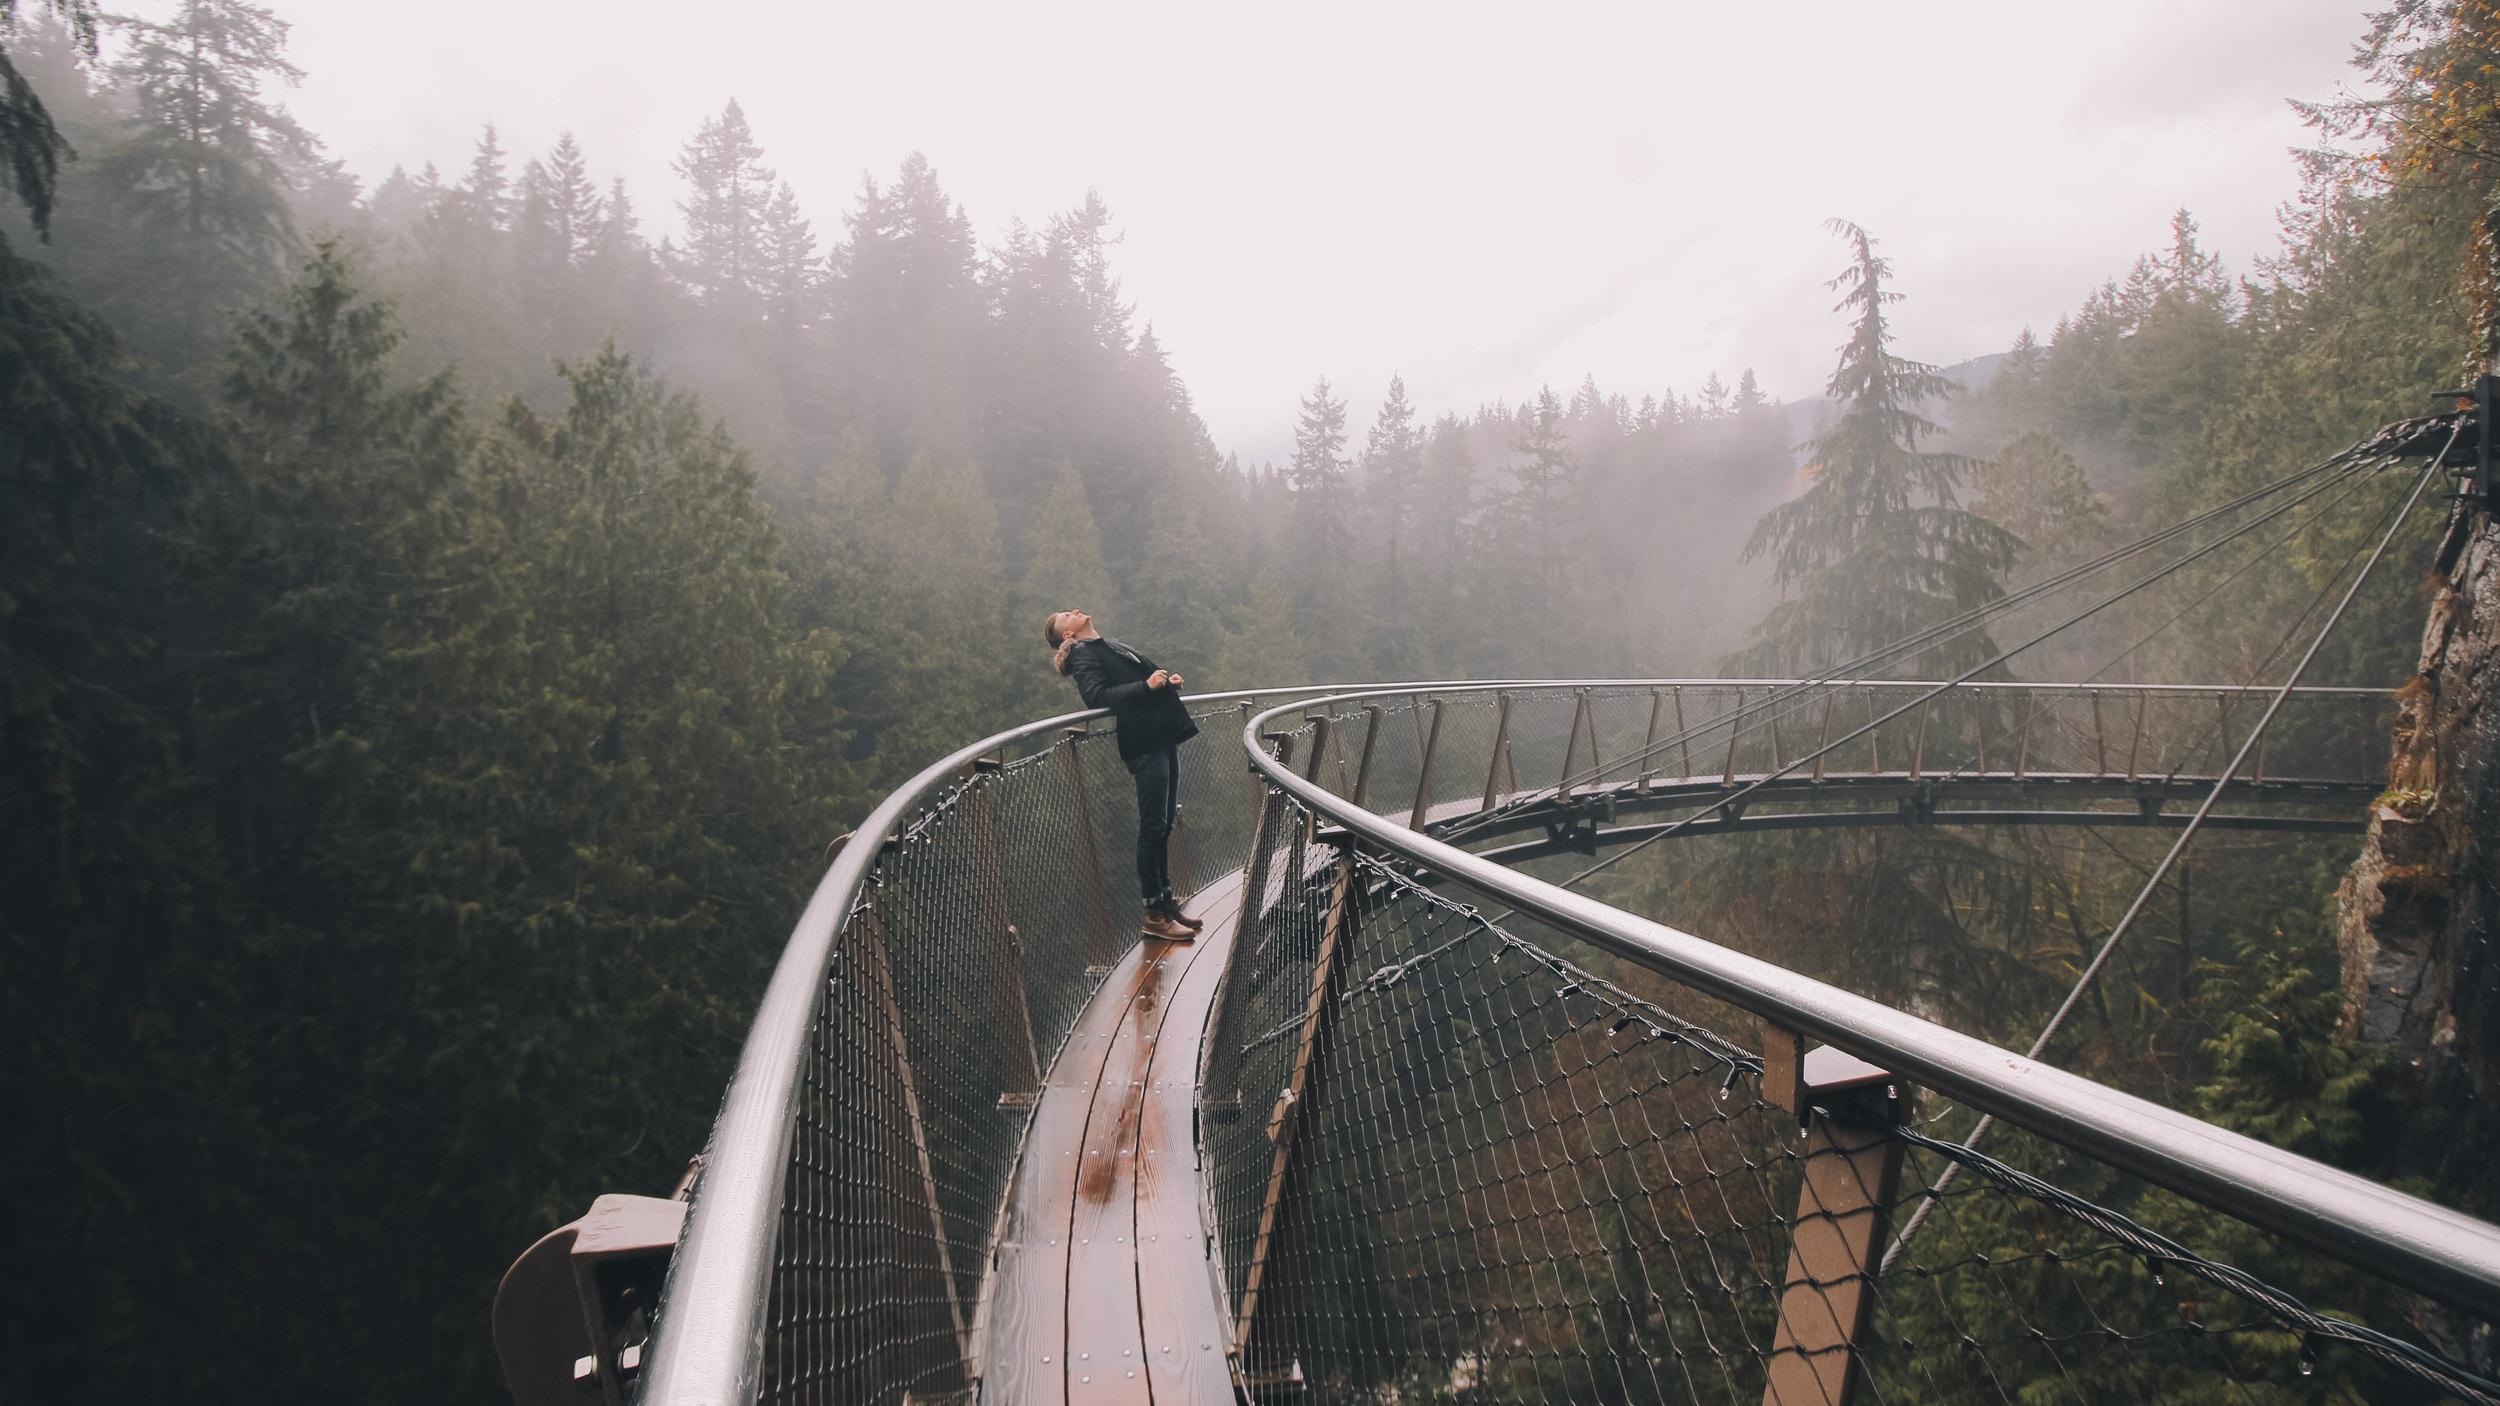 Grouse Mountain & Bridge Park - Andas in den friska luften och vandra i vackra Capilano Suspension Bridge Park när du under 6,5 timmar upptäcker Grouse Mountain. På resan hit får du även fantastisk utsikt och chans till otroliga foton från Lions Gate Bridge.